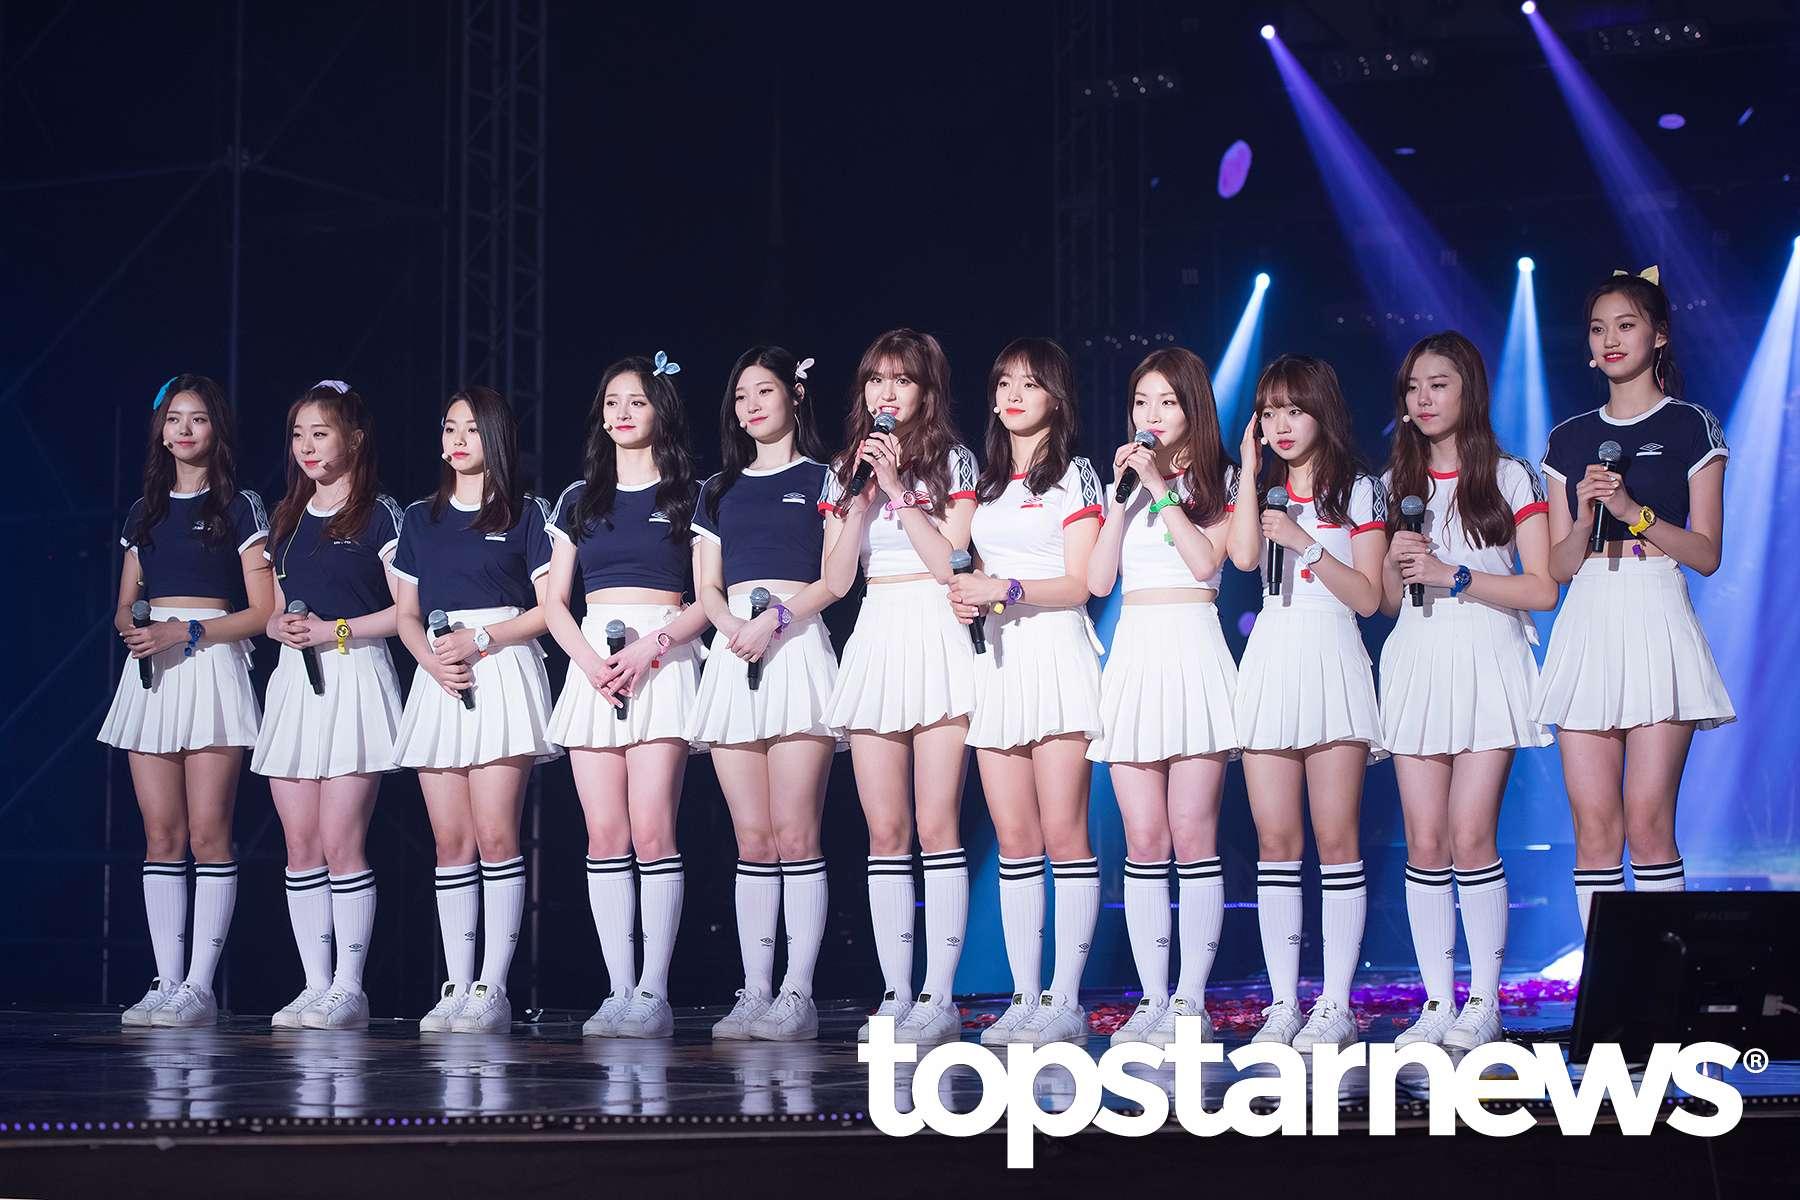 擁有超高人氣的I.O.I 近日被韓國媒體扒出了各自成員撞臉的明星,有的成員甚至撞臉男明星,馬上一起來看看吧!